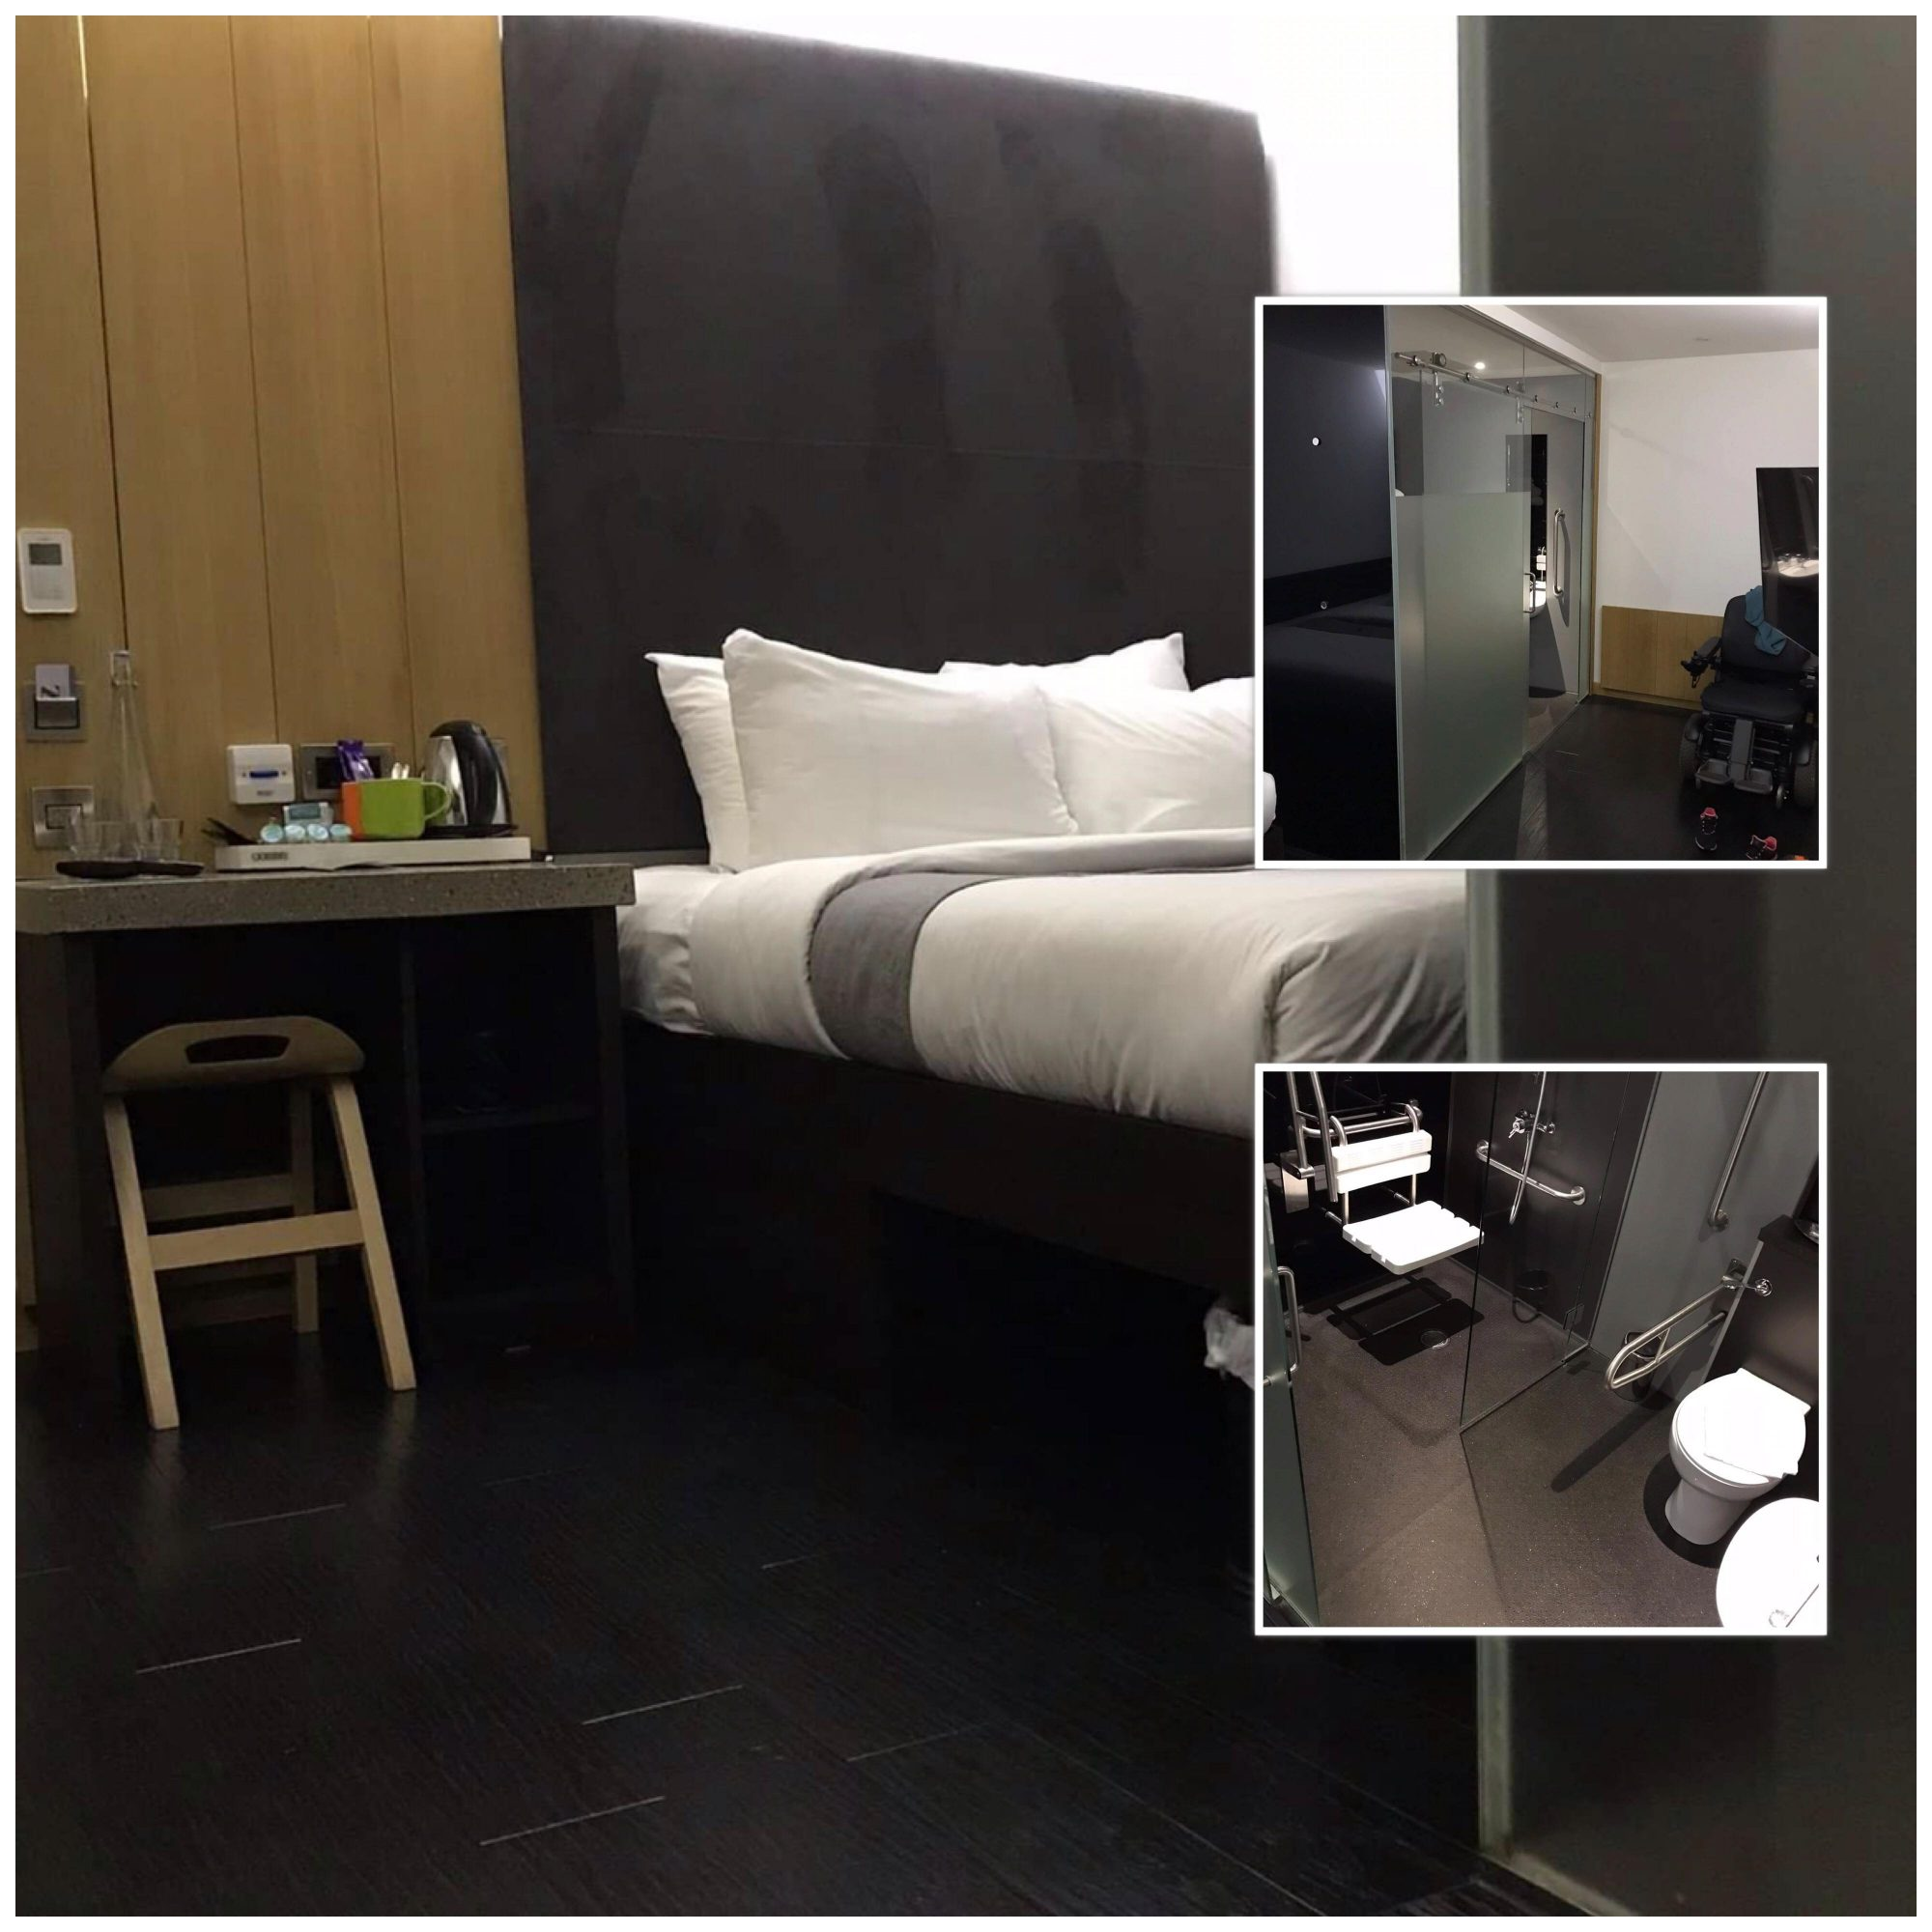 Tredelt bildecollage av hotellrom: dobbeltseng med god plass på siden og åpning under senga, innglassert bad med liten plass, dog smarte løsninger.